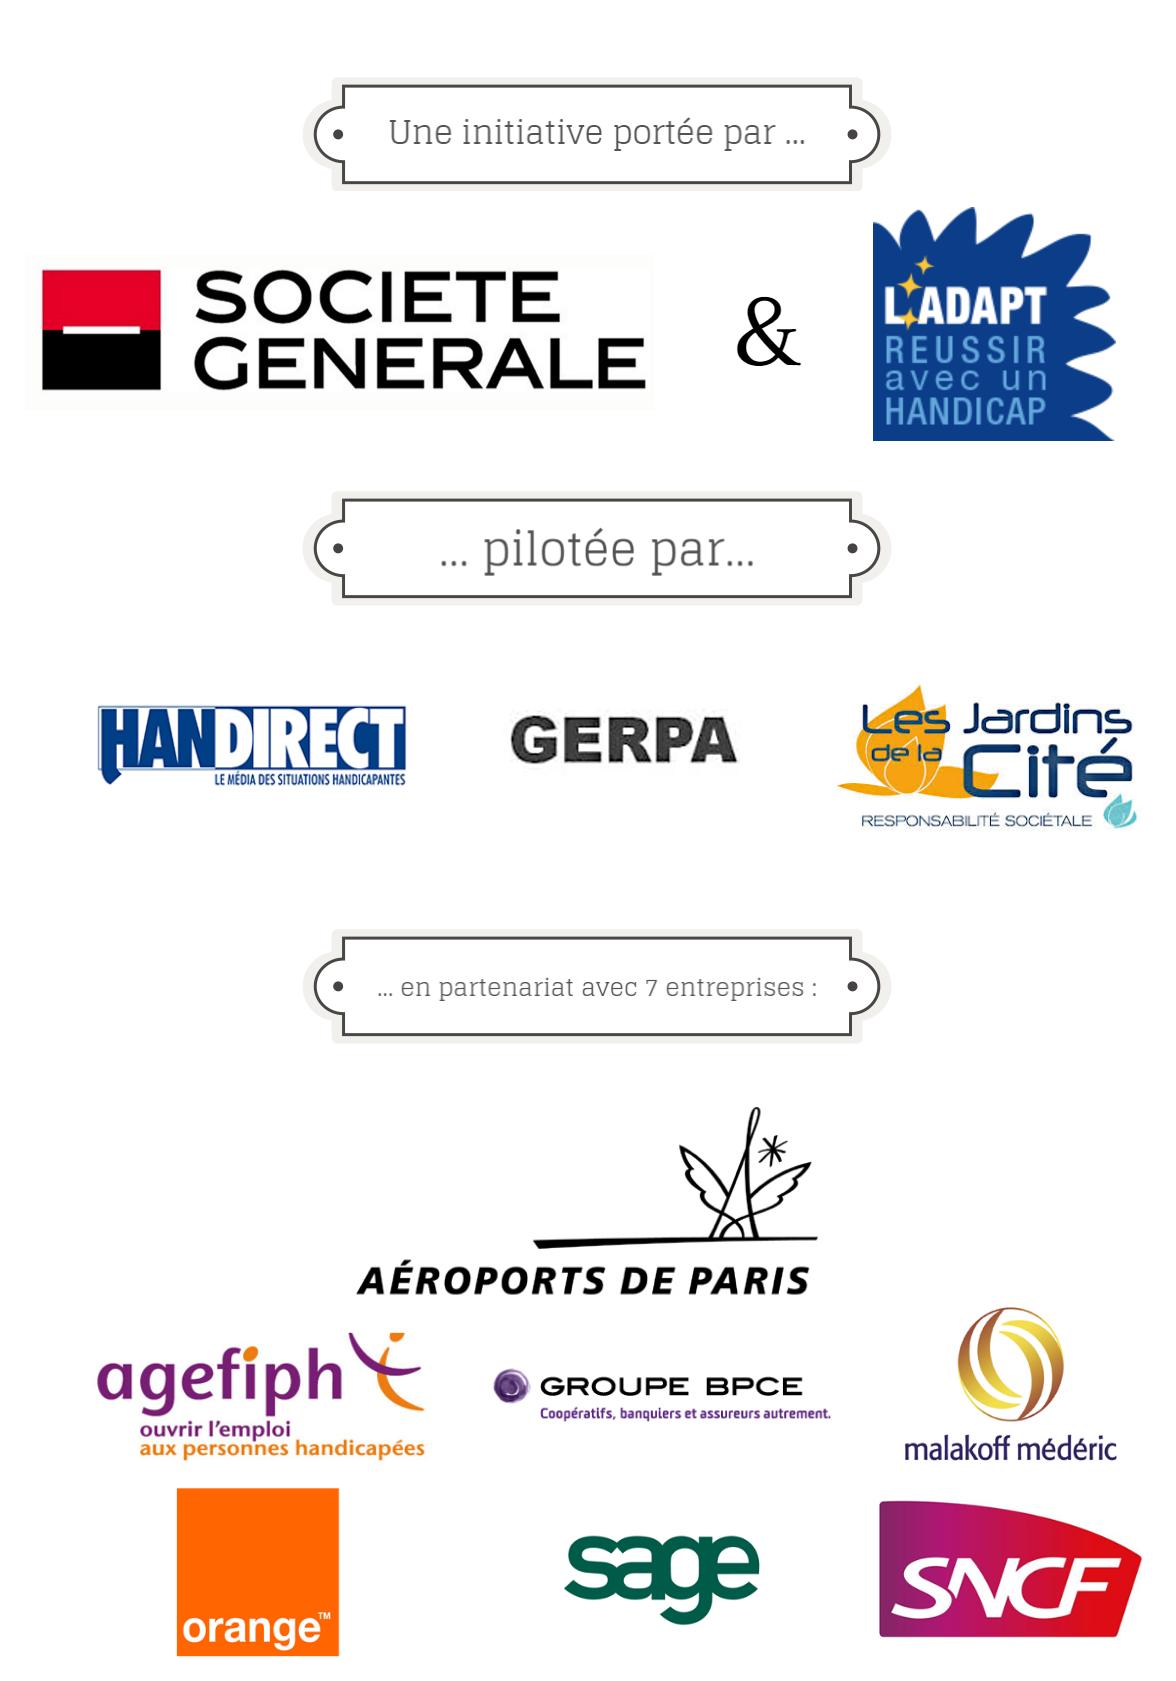 Une initiative portée par: Société Générale et L'ADAPT ... Pilotée par... Handirect, GERPA, Les jardins de la Cité...en partenariat avec 7 entreprises: Aéroports de Paris, Agefiph, Groupe BPCE, Malakoff Médéric, Orange, Sage, SNCF